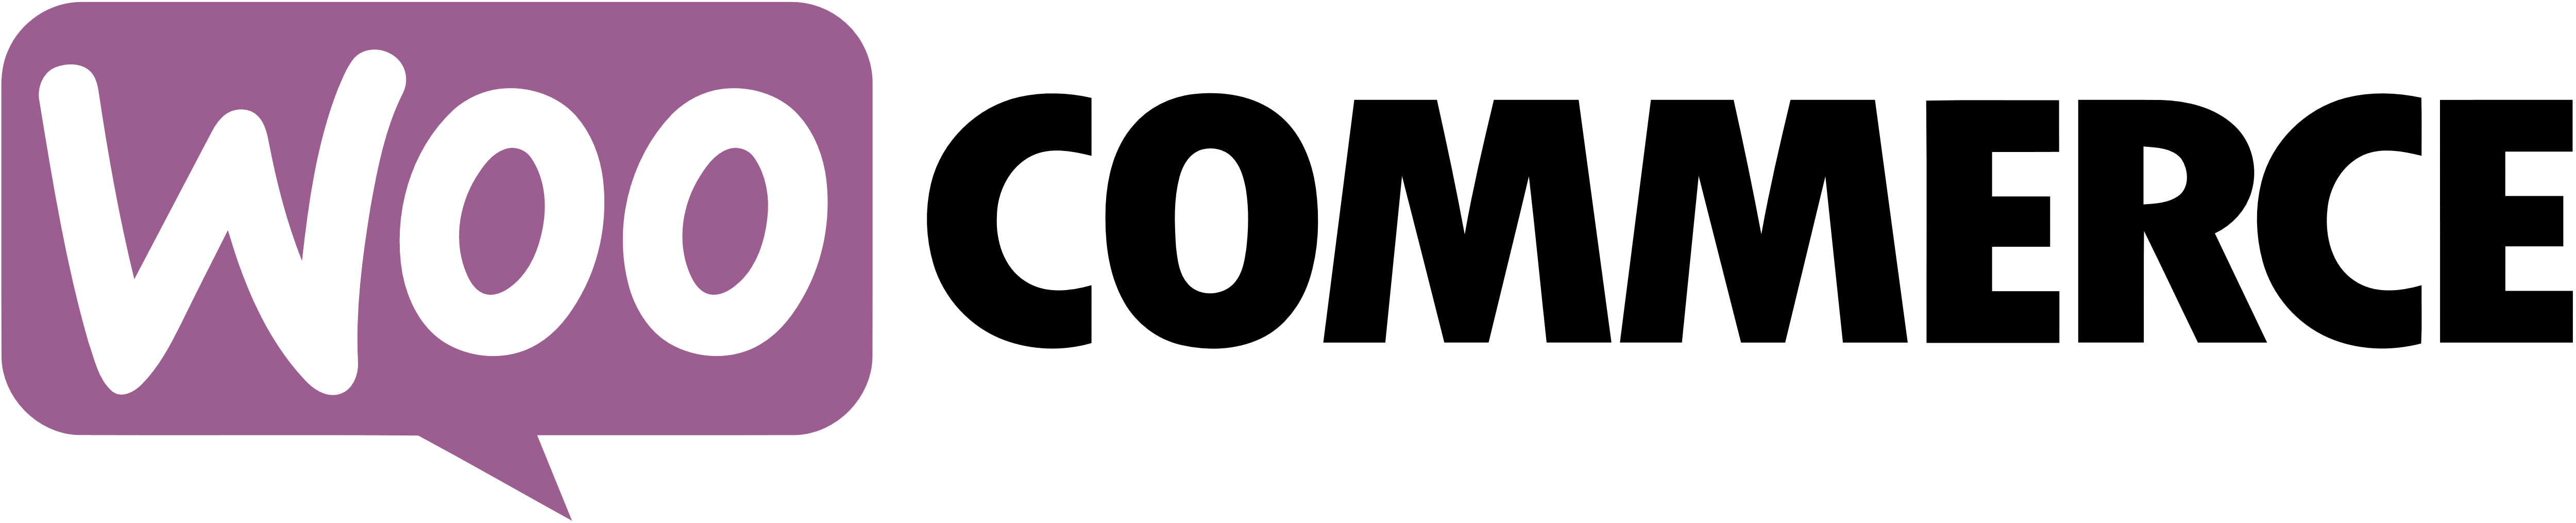 Optimum7 partner with WooCommerce